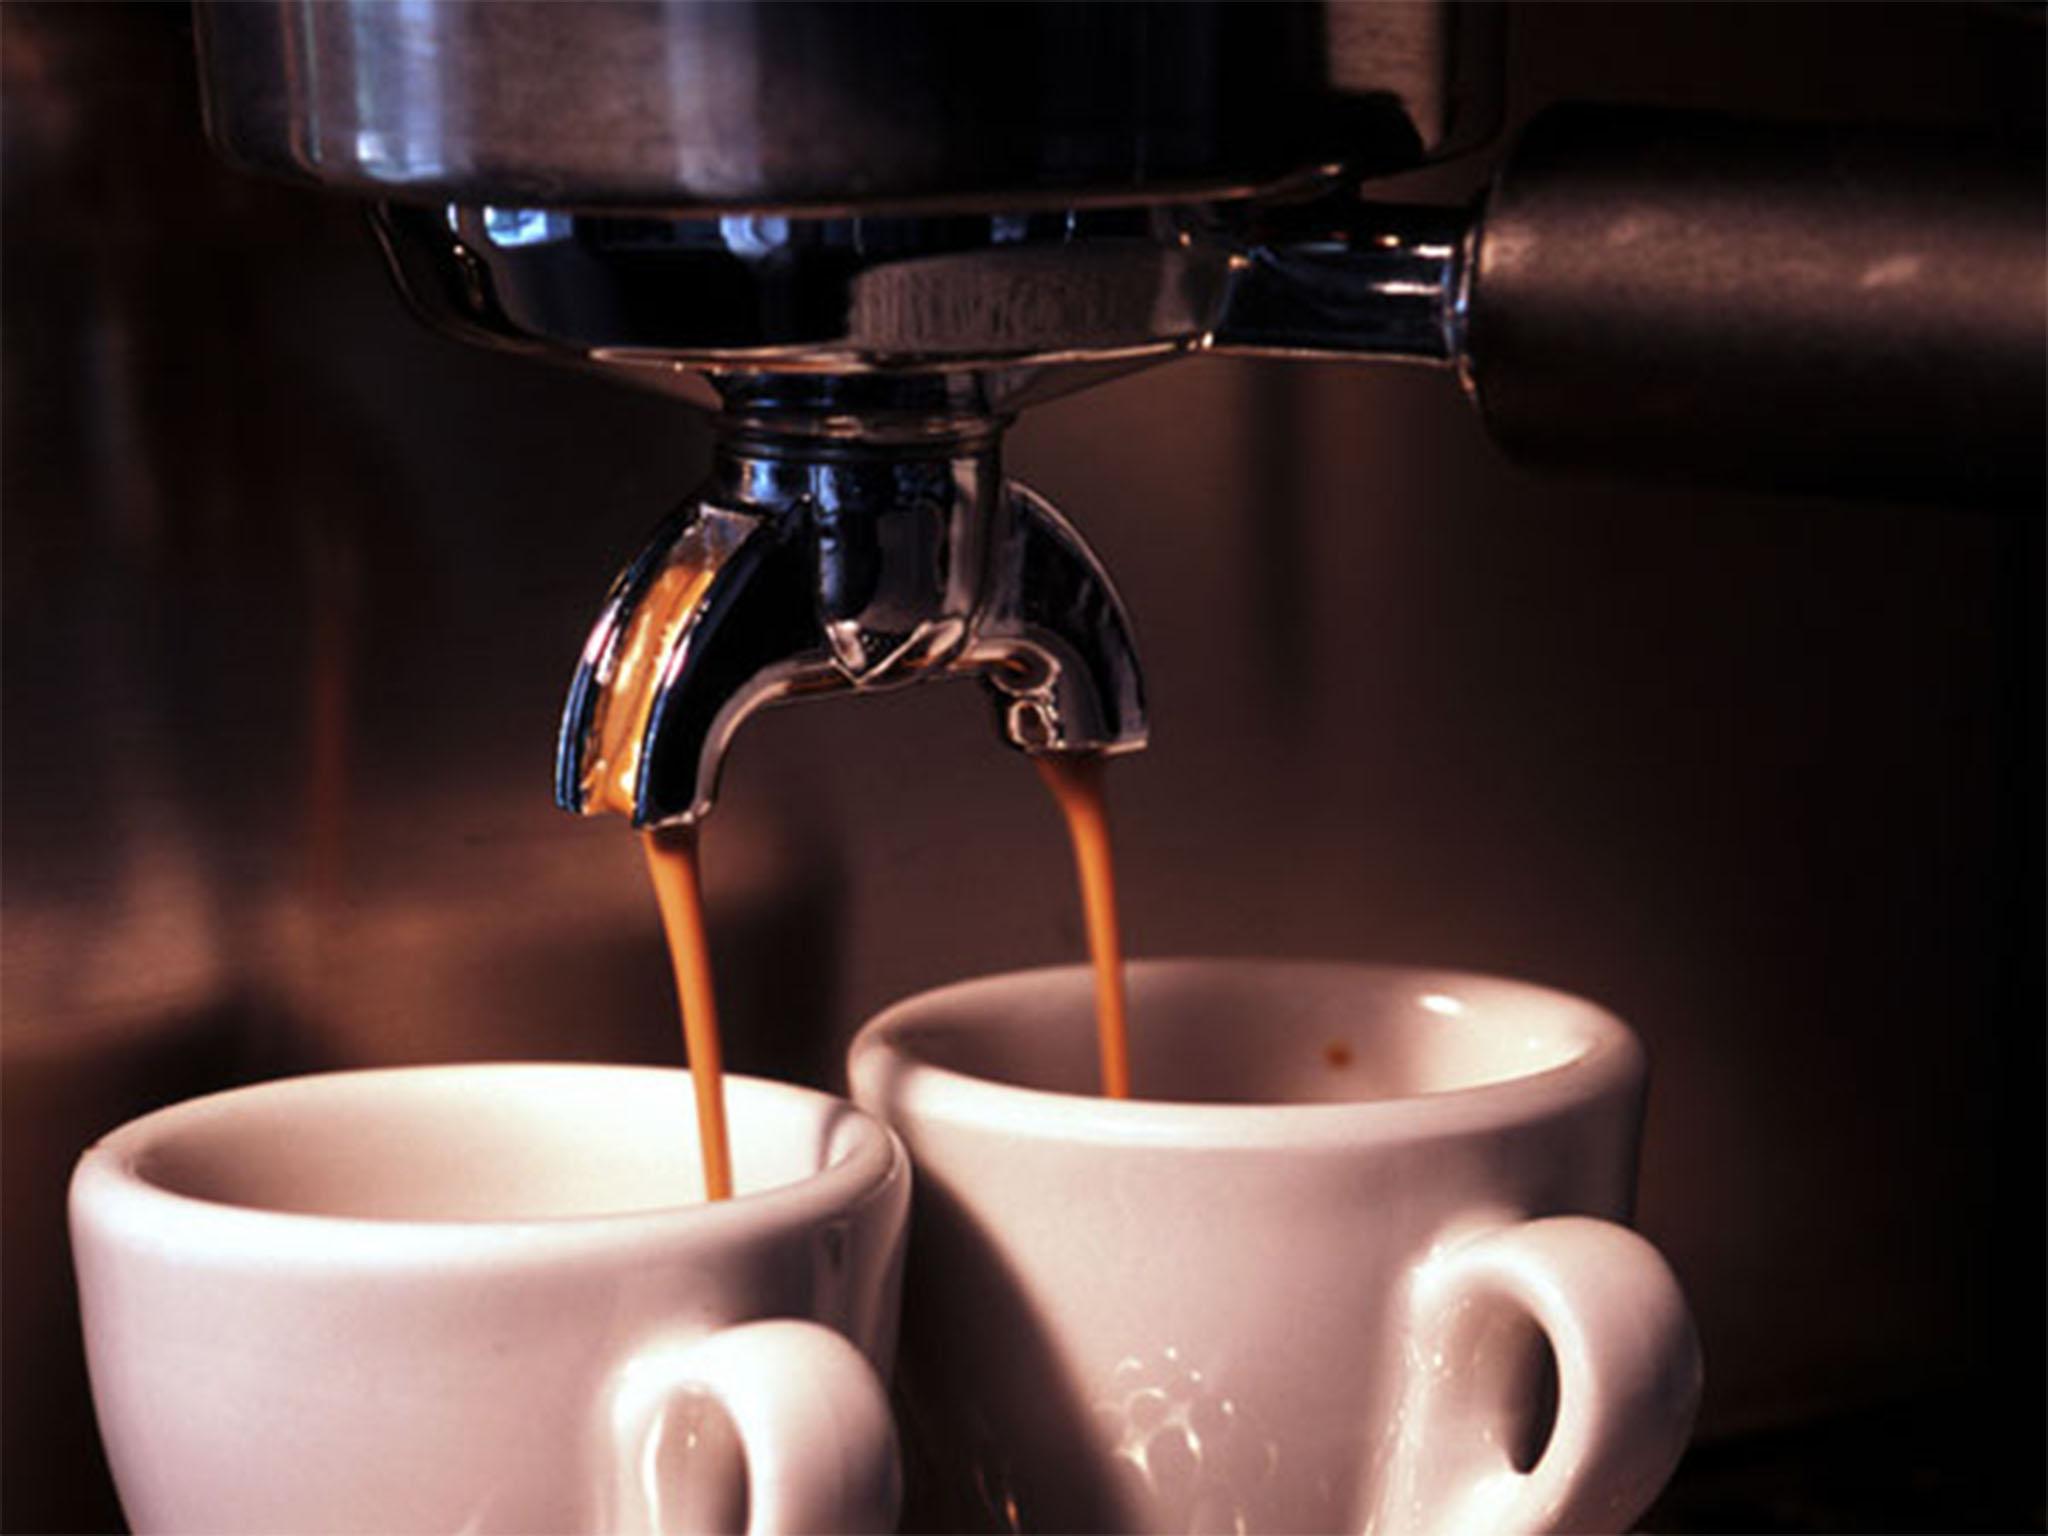 Cara Menggunakan Coffee Maker Elba : 8 Tips Memulai Usaha Warung Kopi dan Cara Membuat Kopi Sendiri